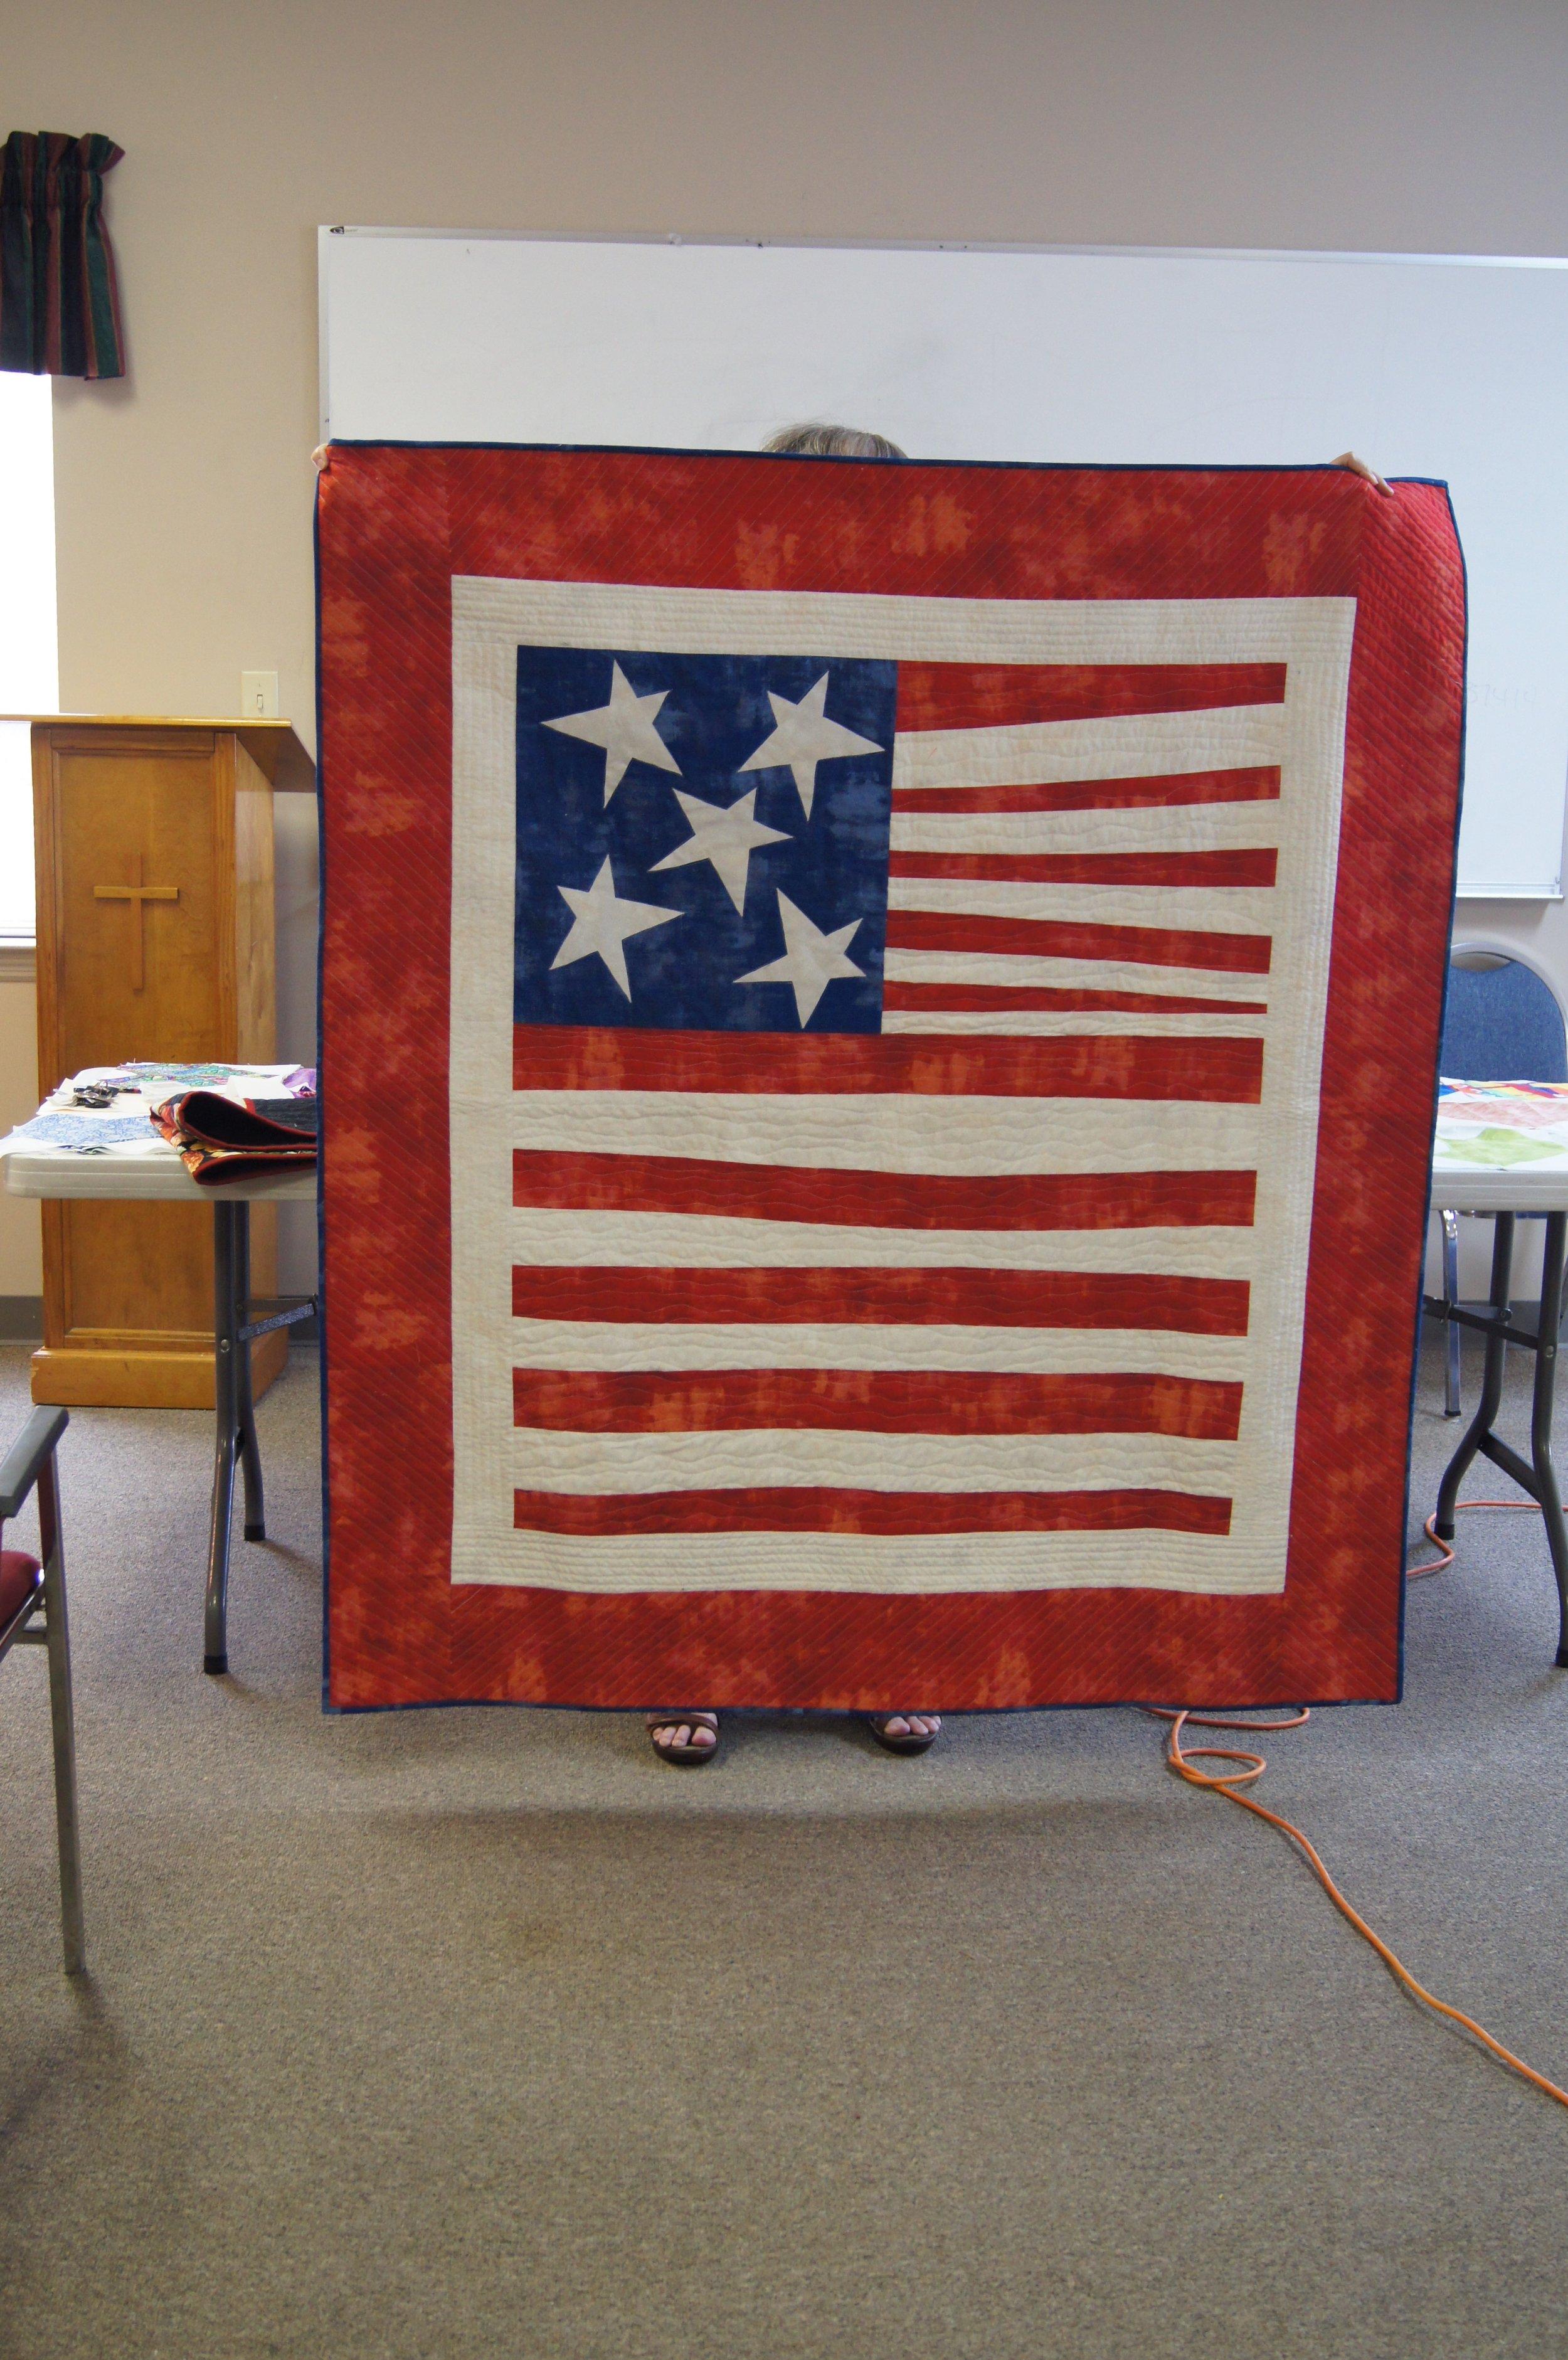 Improv flag by Patricia Steadman